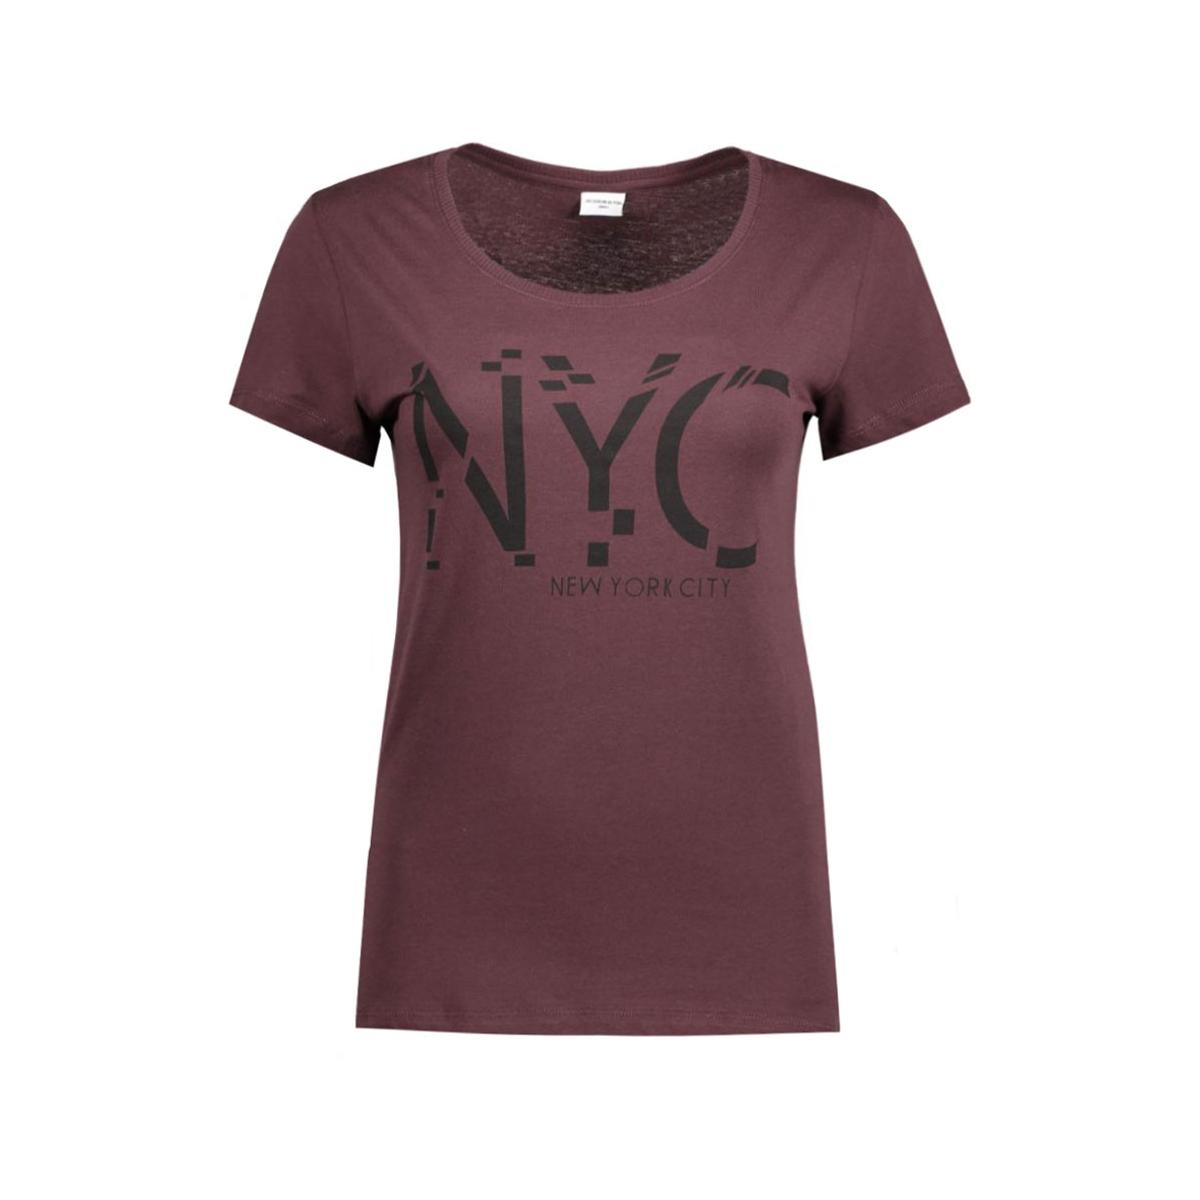 jdygin s/s print top jrs 09 15122948 jacqueline de yong t-shirt fudge/black